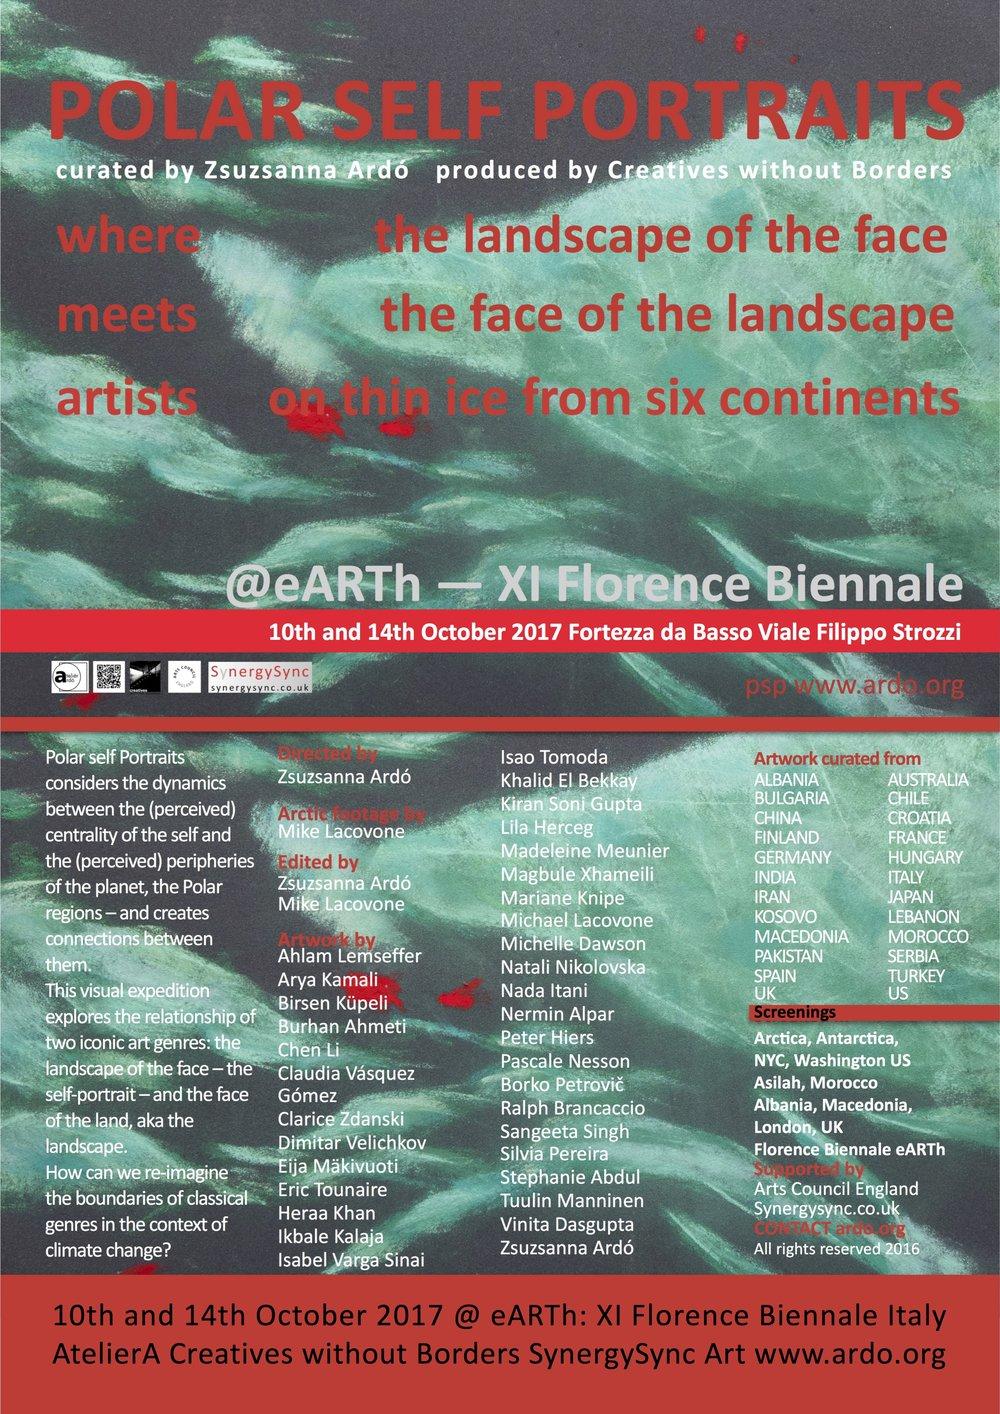 17 IT FLor Biennale eARTh poster wlist.jpg